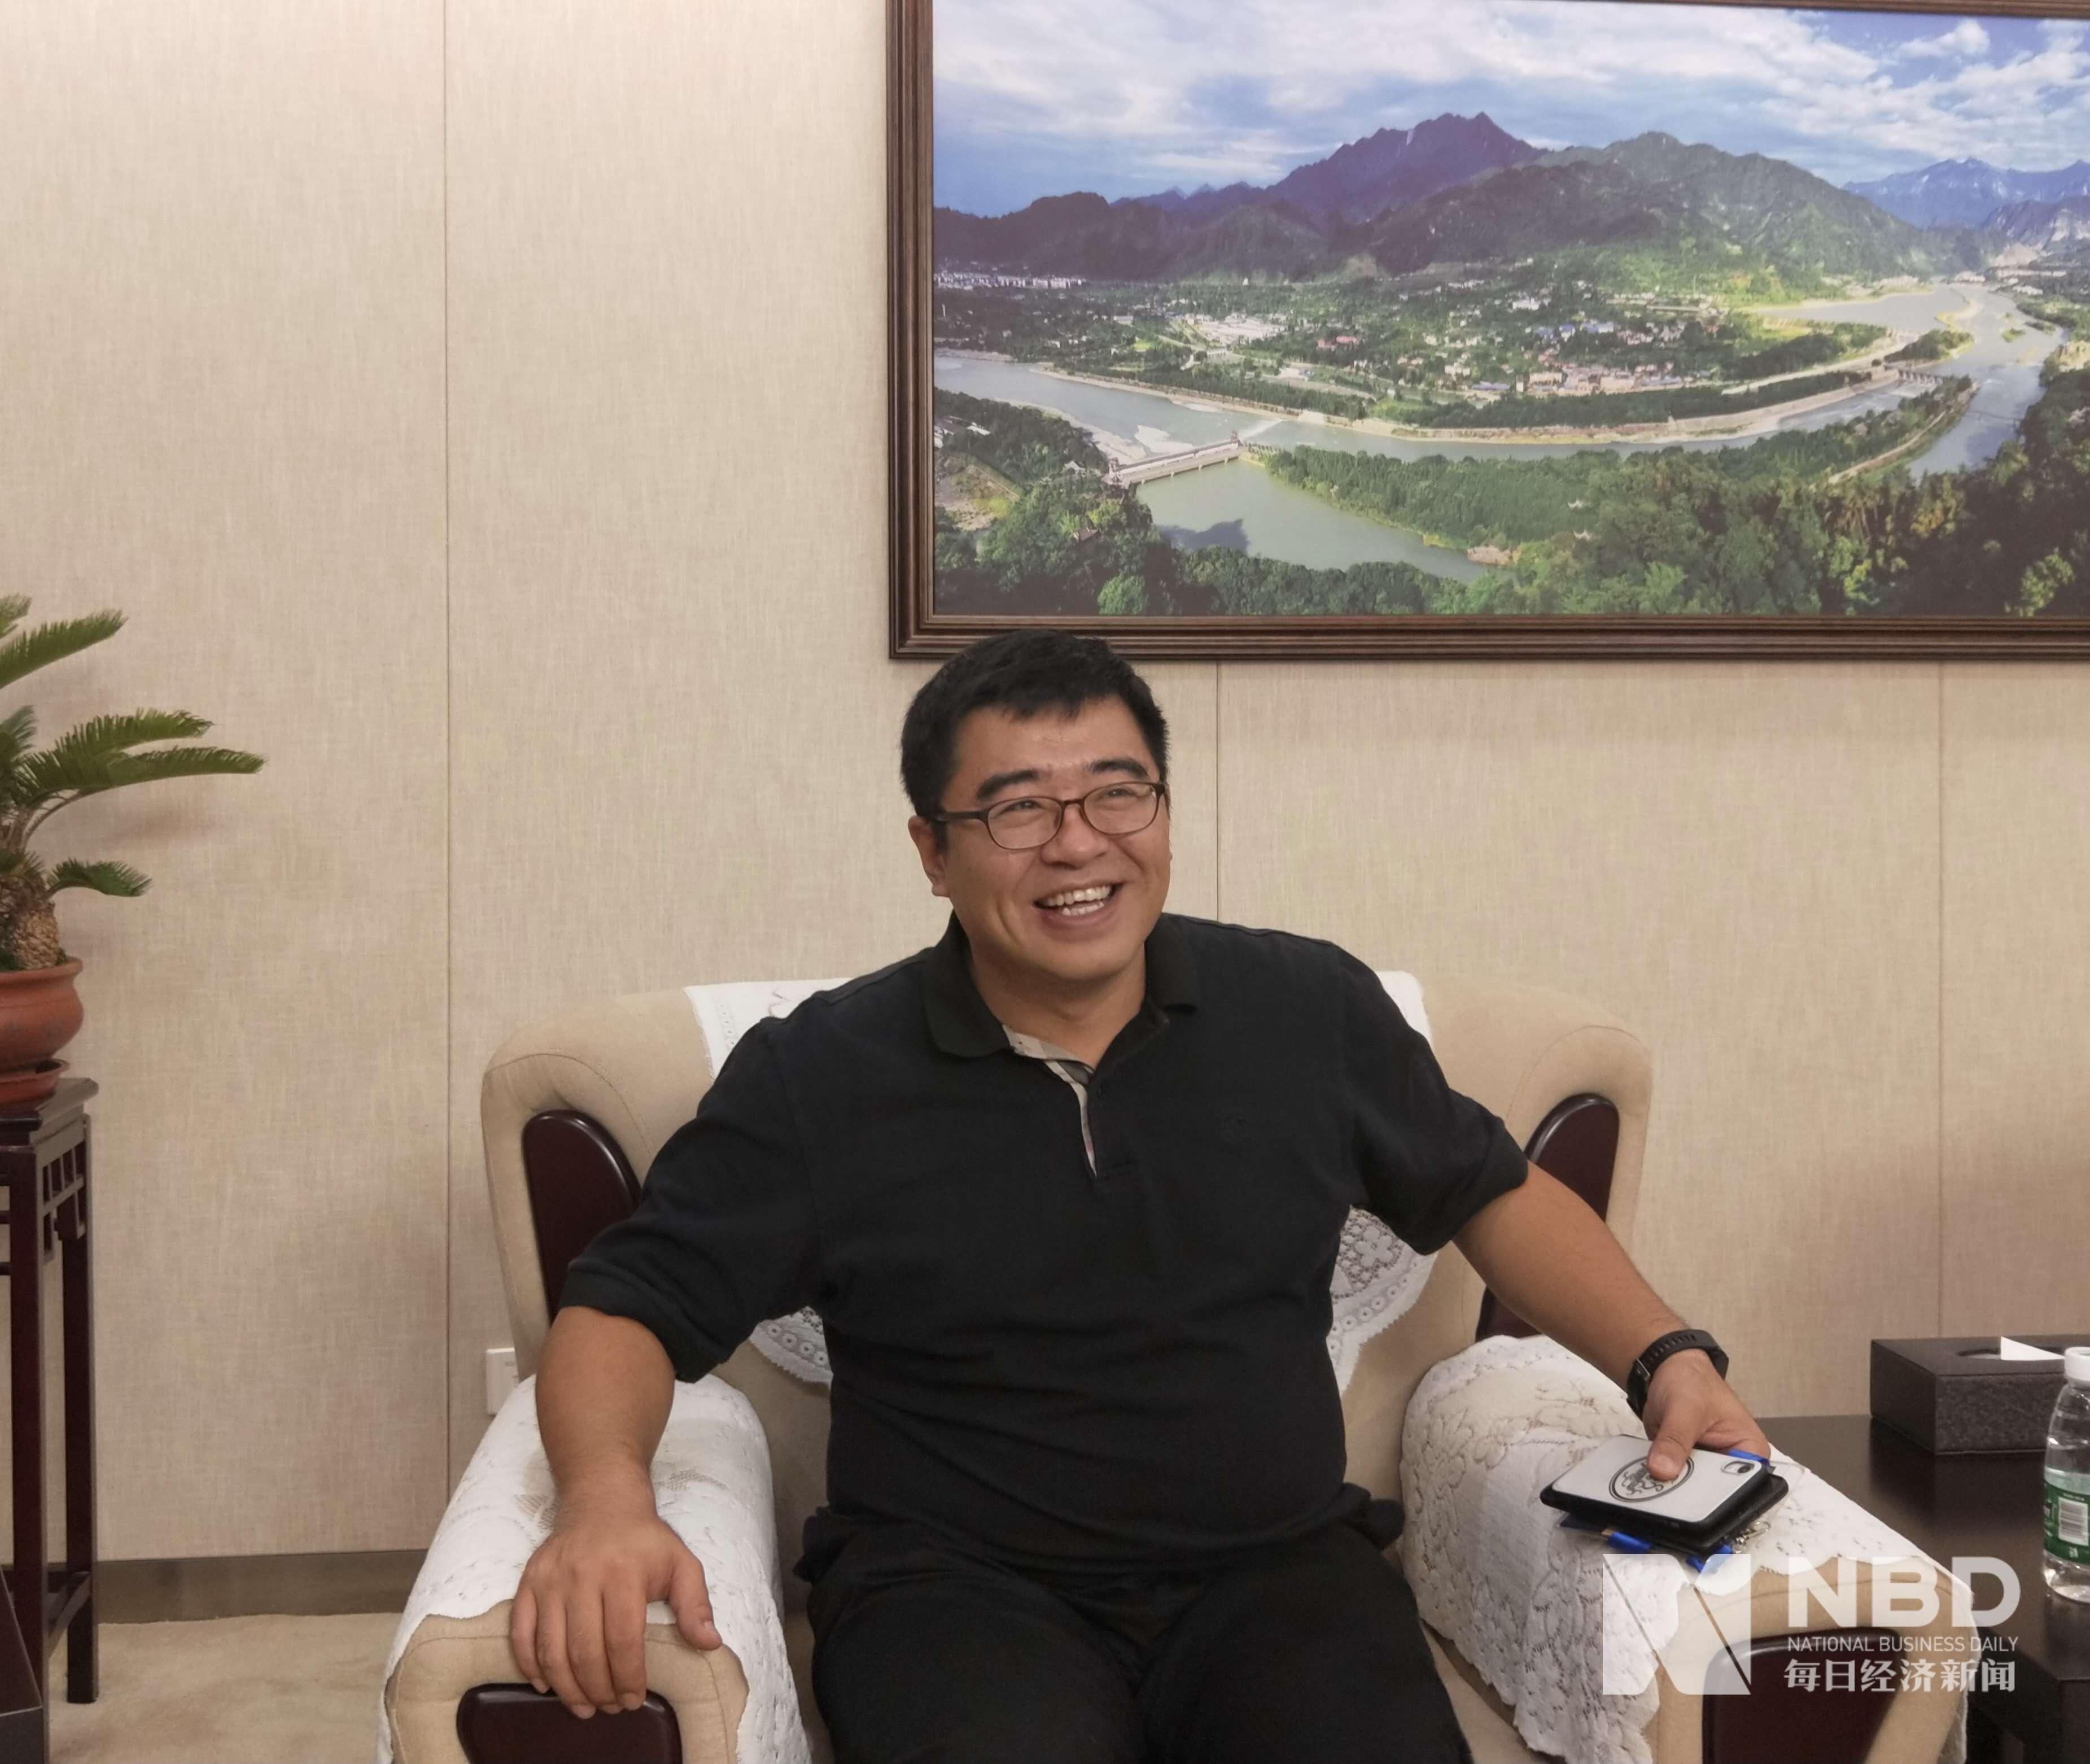 博伟智鸿董事长杨赞松:文创行业早已成为投资热点